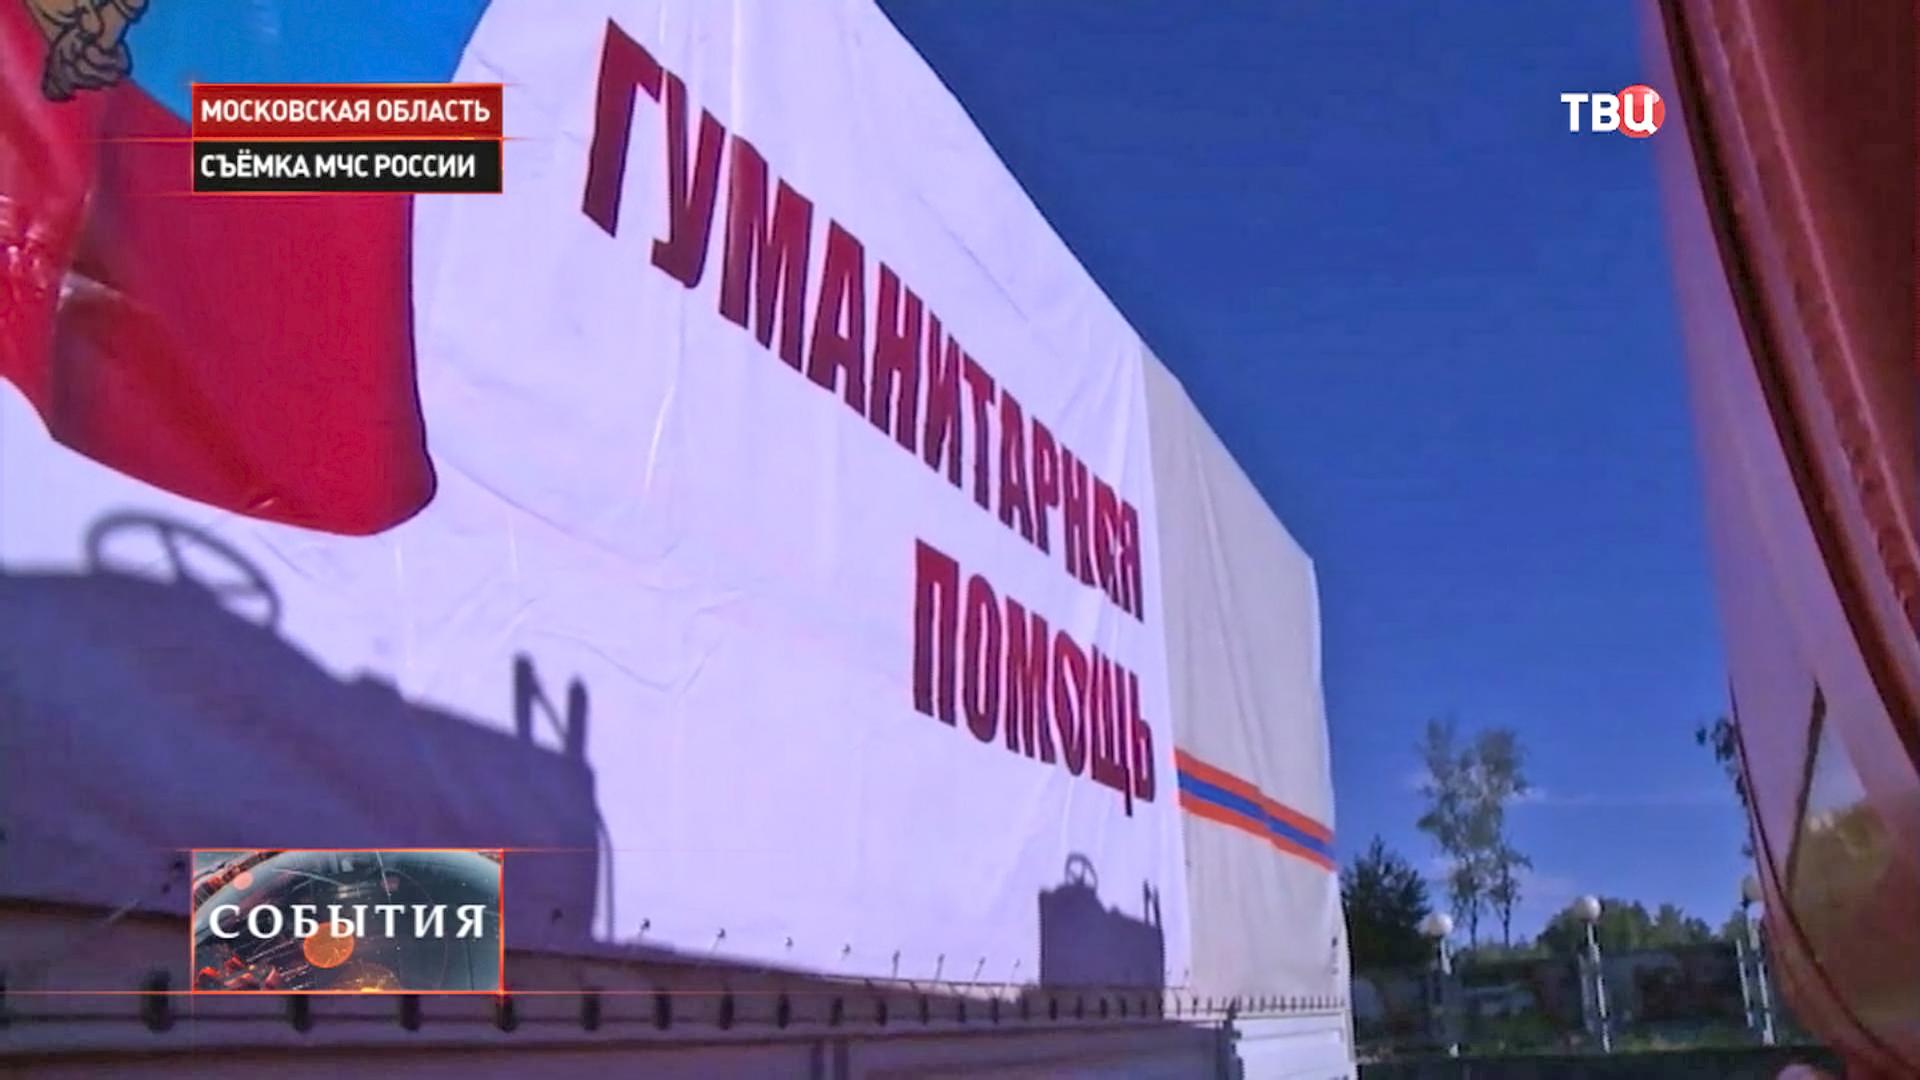 Гуманитарная помощь для беженцев из Донбасса